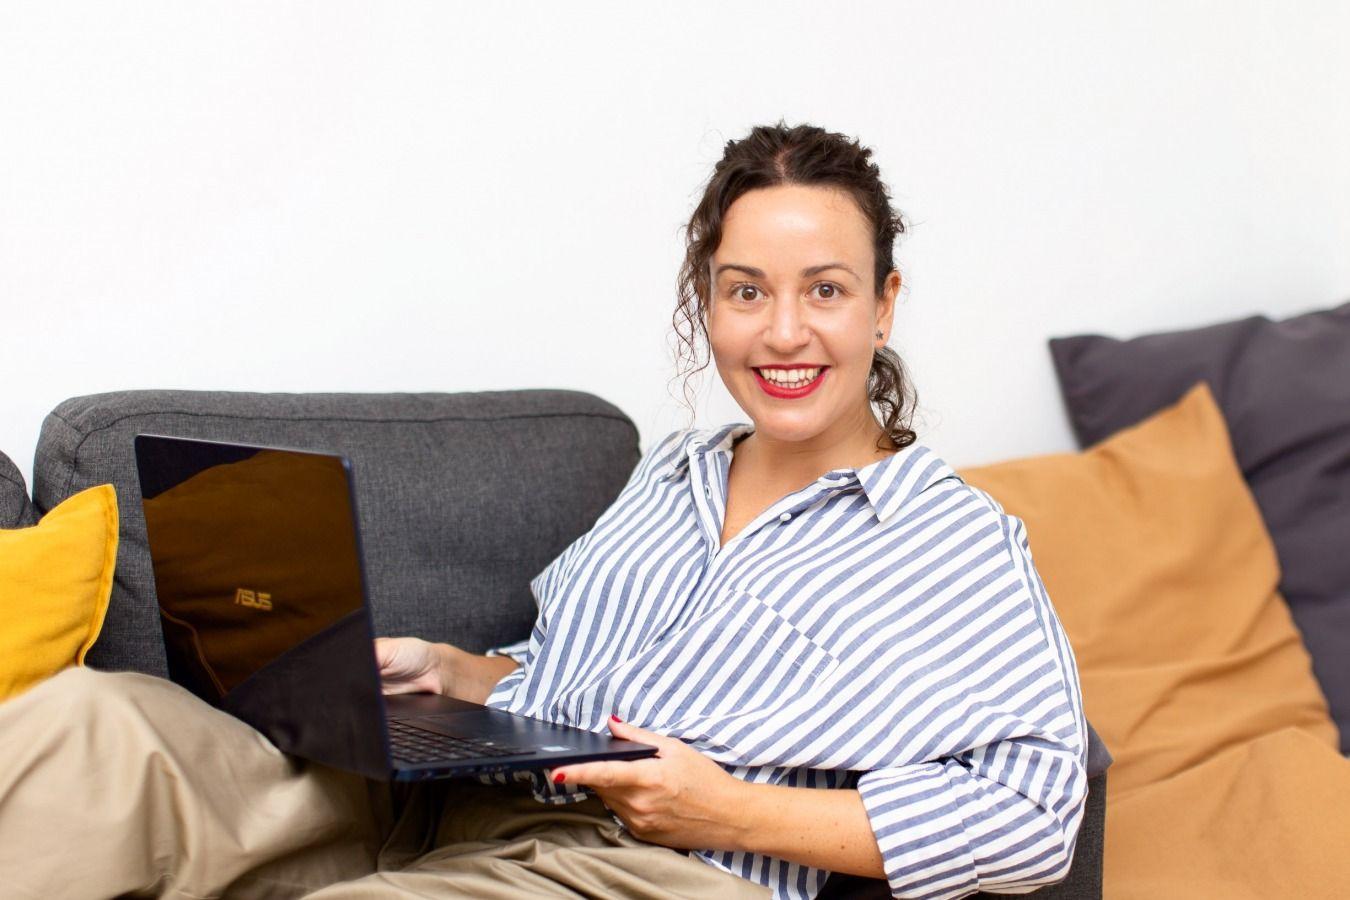 ¿Es posible vivir de un blog? El blog como negocio, ¿mito o realidad? Estas son las 10 enseñanzas que me llevo en el primer aniversario del blog | Gastronomadistas